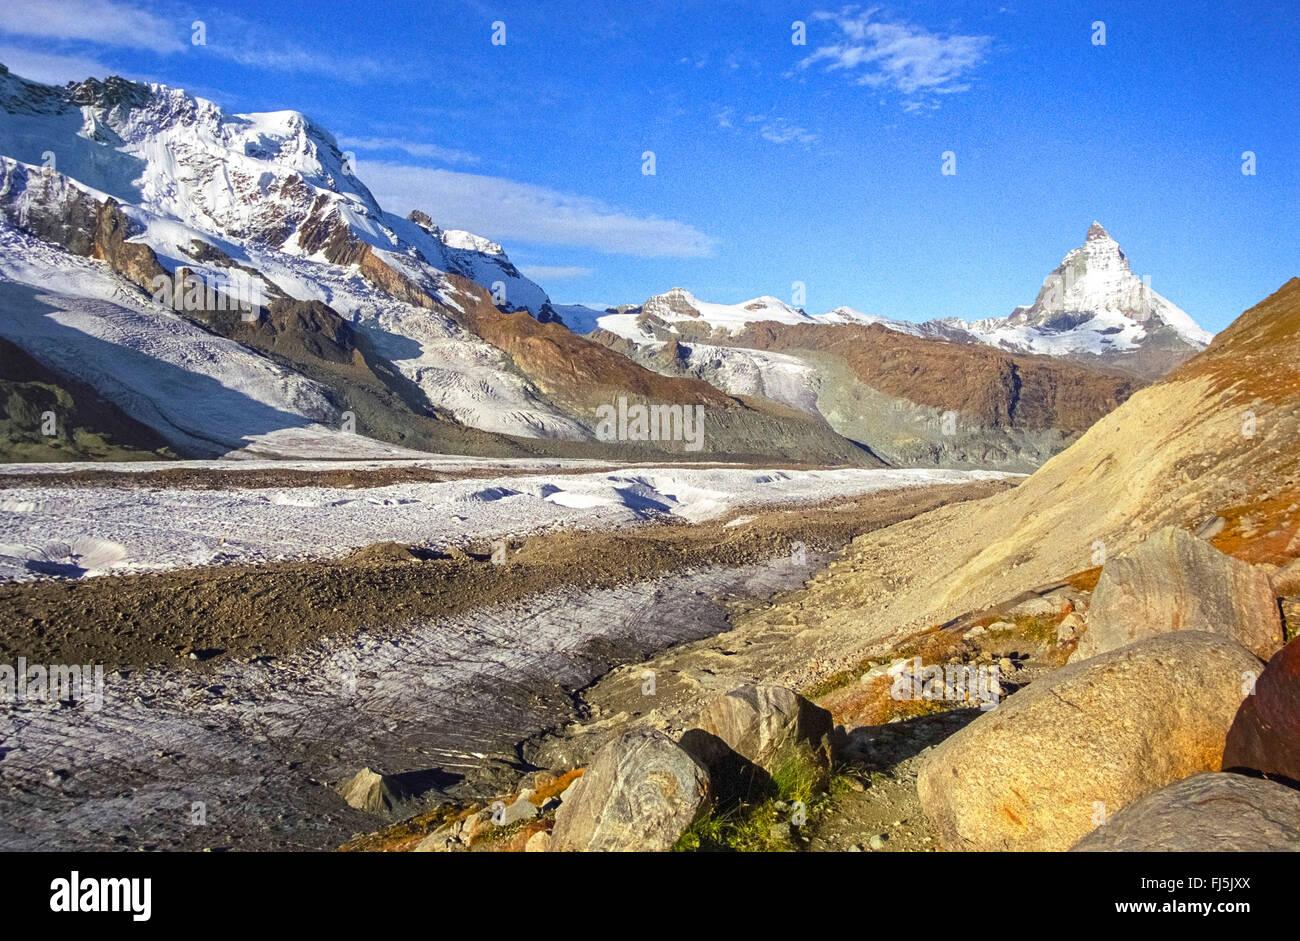 Gorner Glacier and Matterhorn, Switzerland, Oberwallis - Stock Image